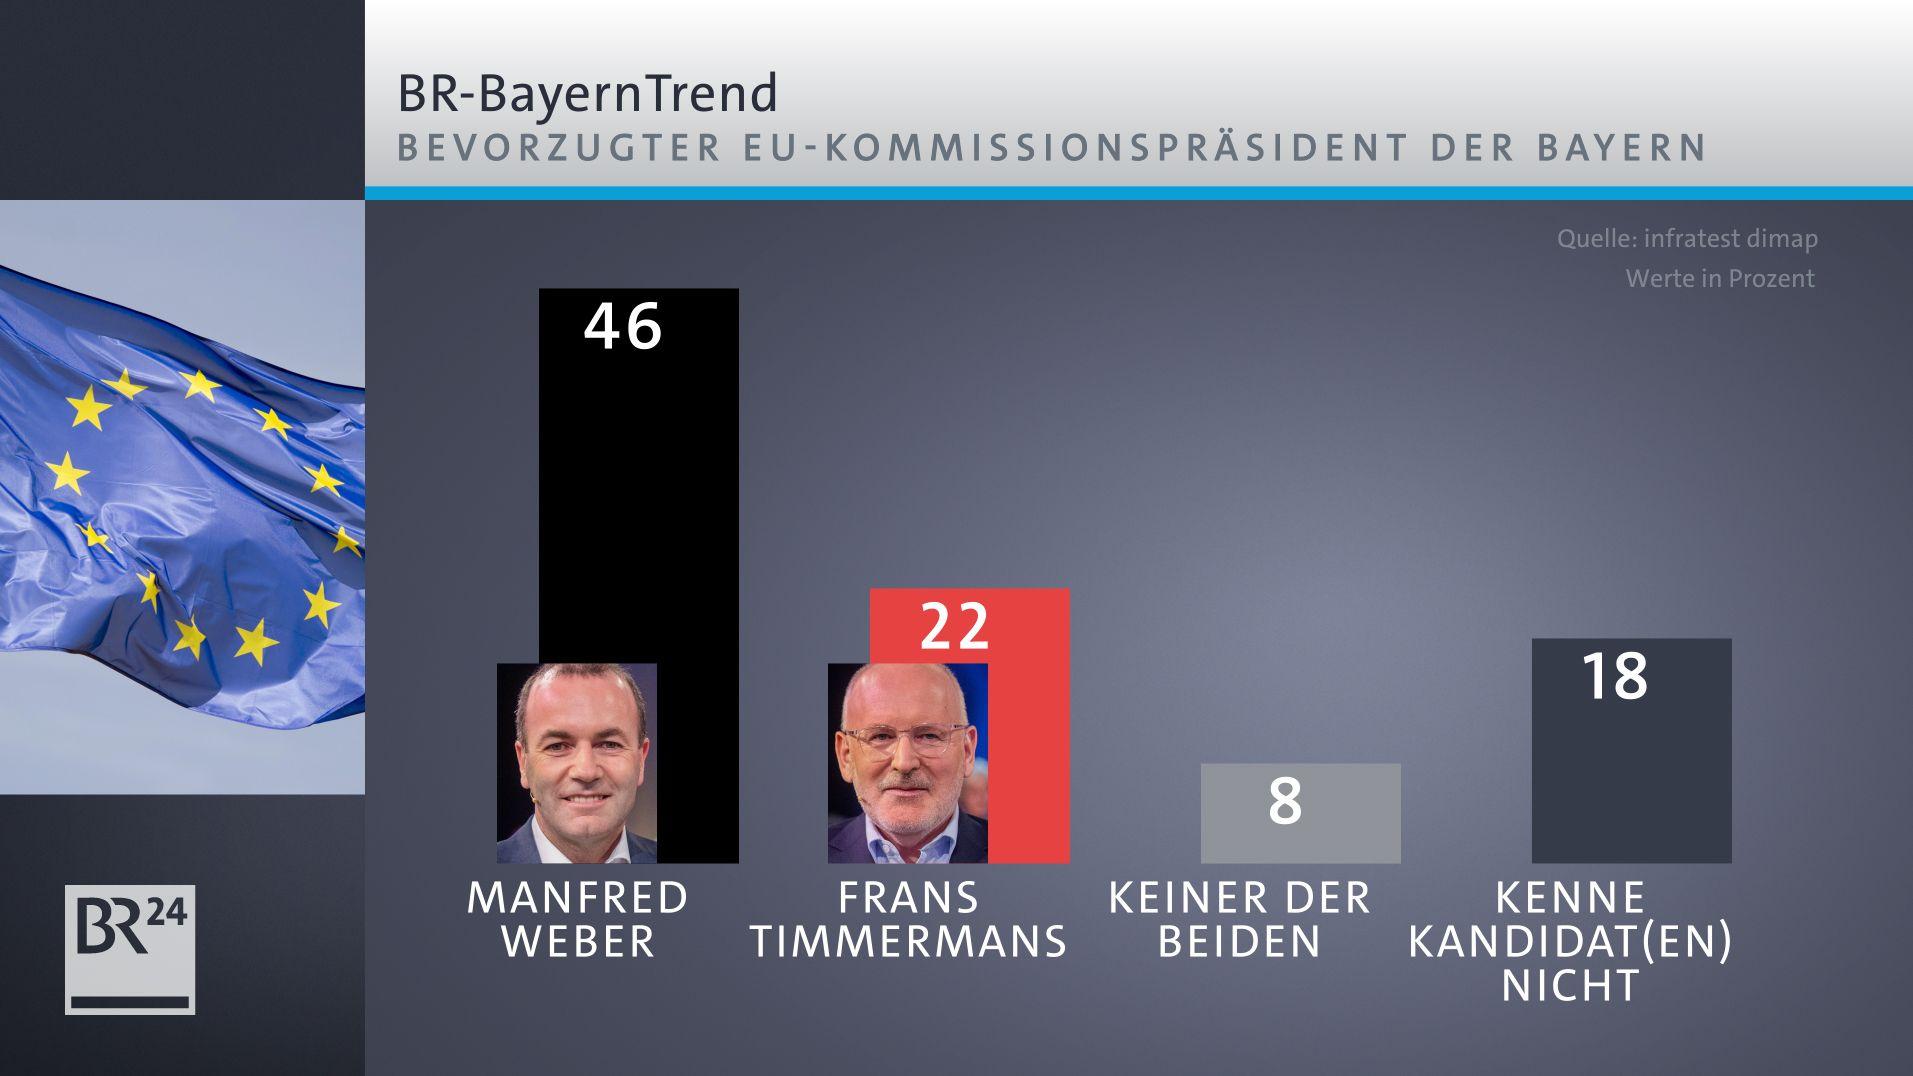 Die Zustimmungswerte zu Weber und Timmermans